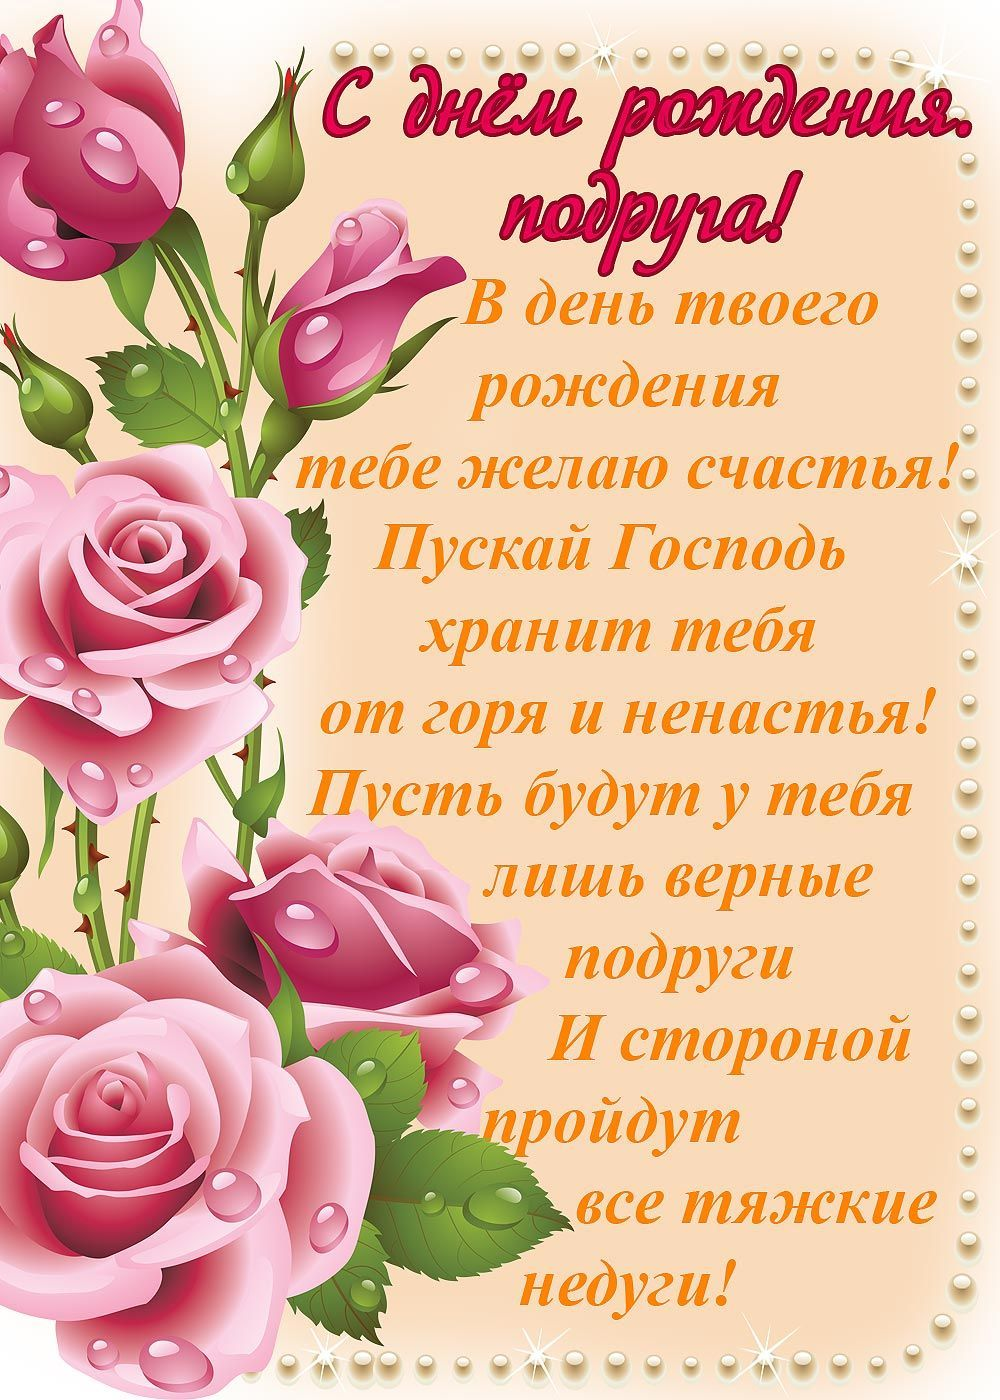 Pozdravleniya S Dnem Rozhdeniya Podruge Happy Birthday Birthdays